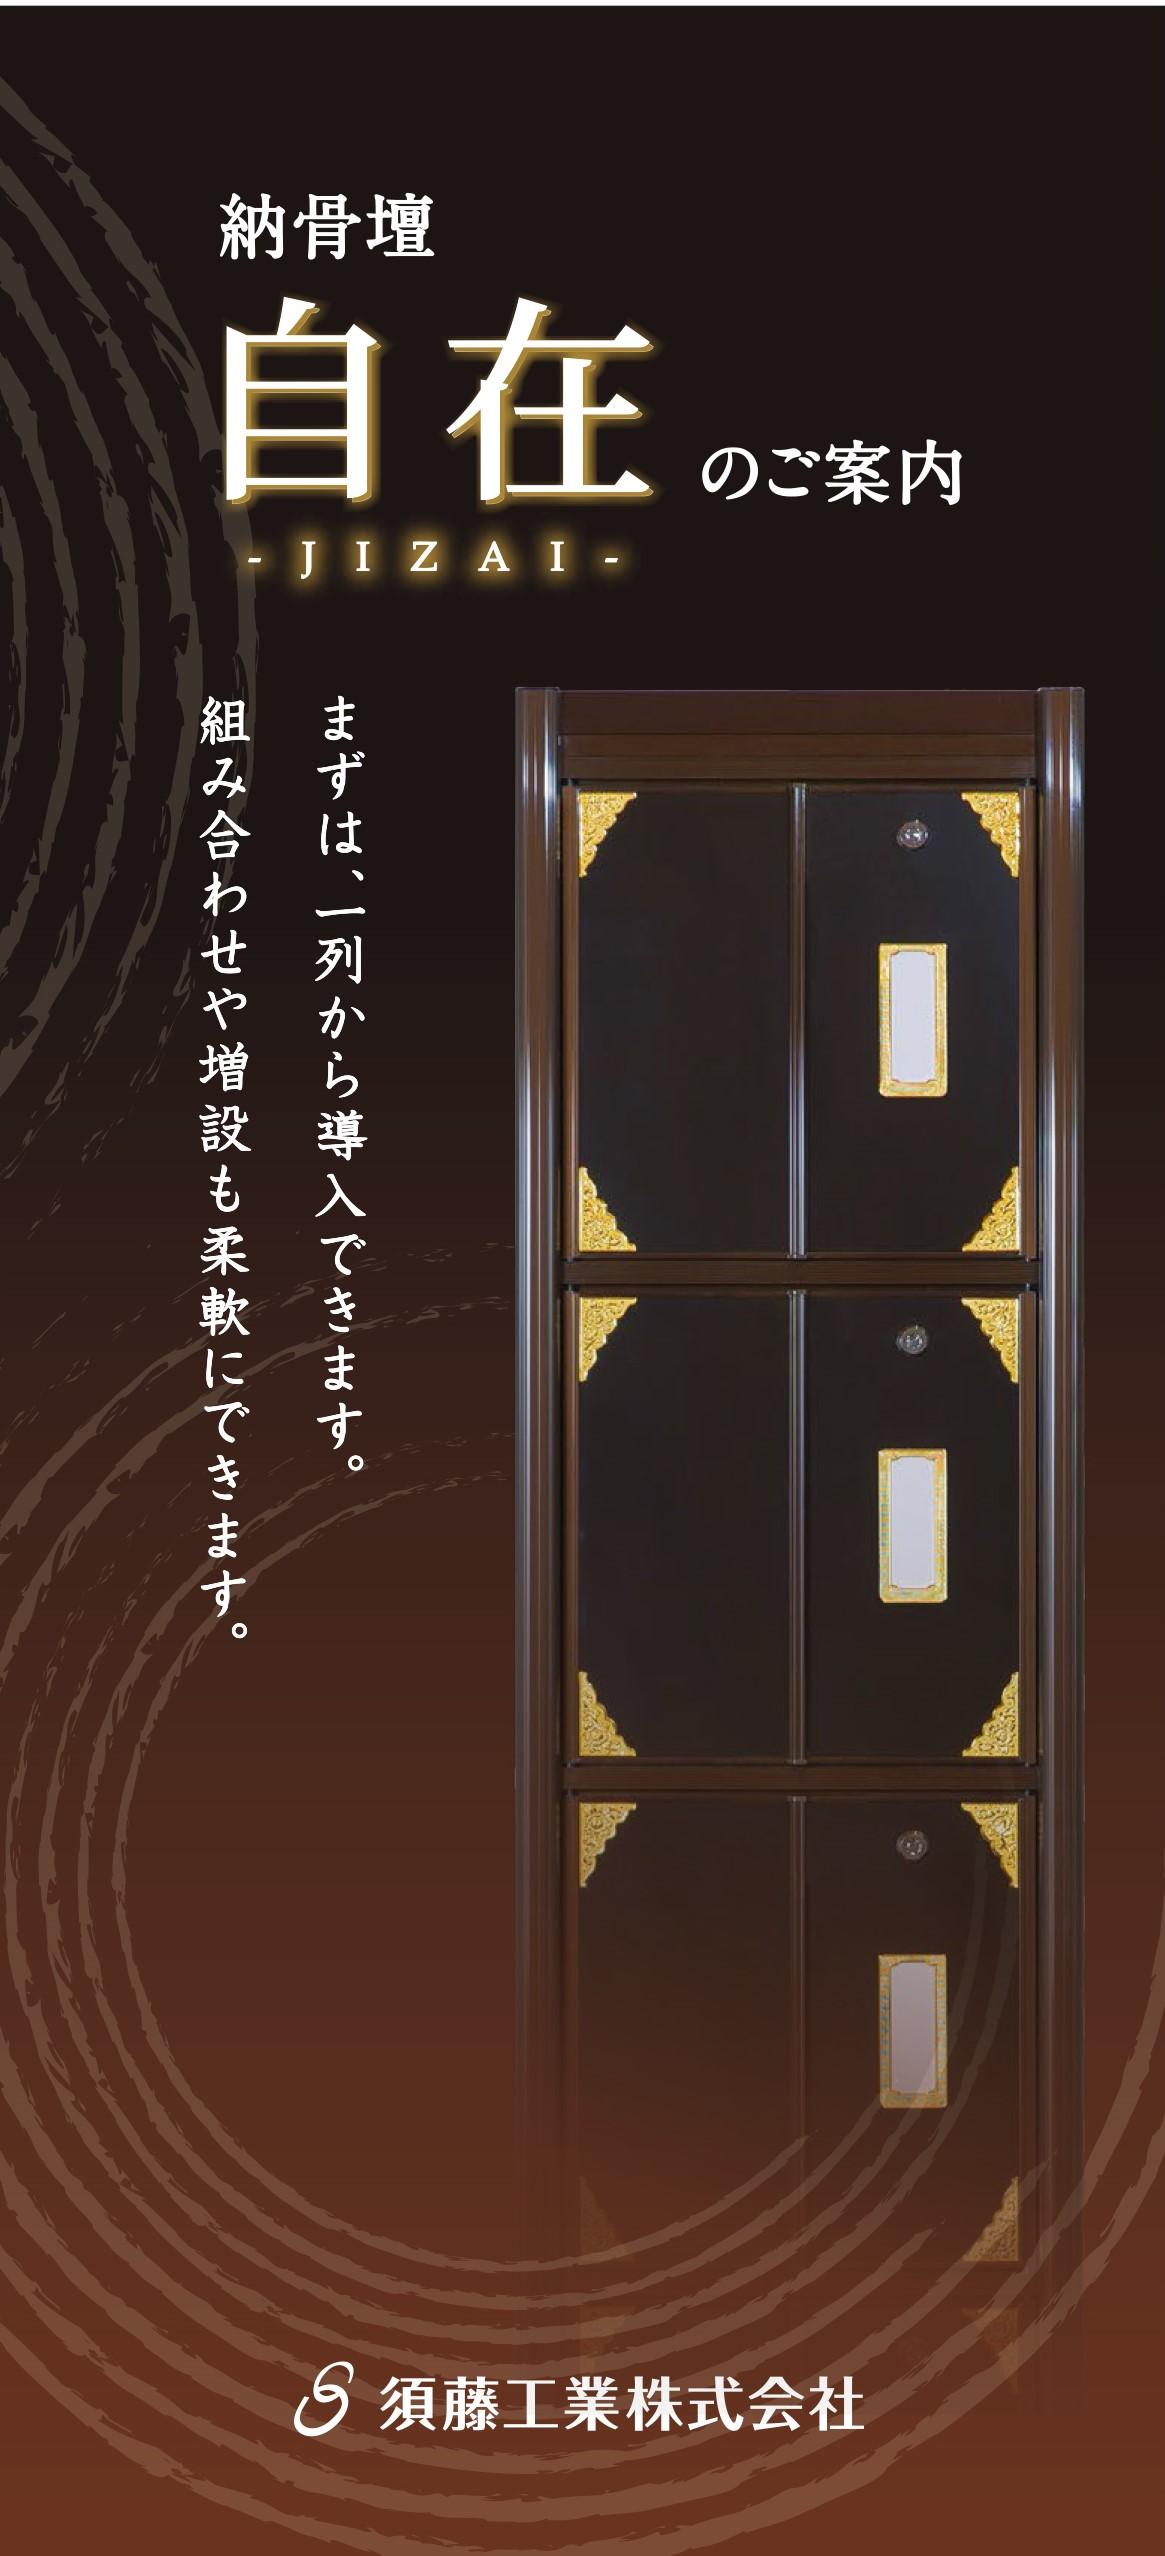 アルミ製ユニット式納骨壇「自在」 須藤工業株式会社